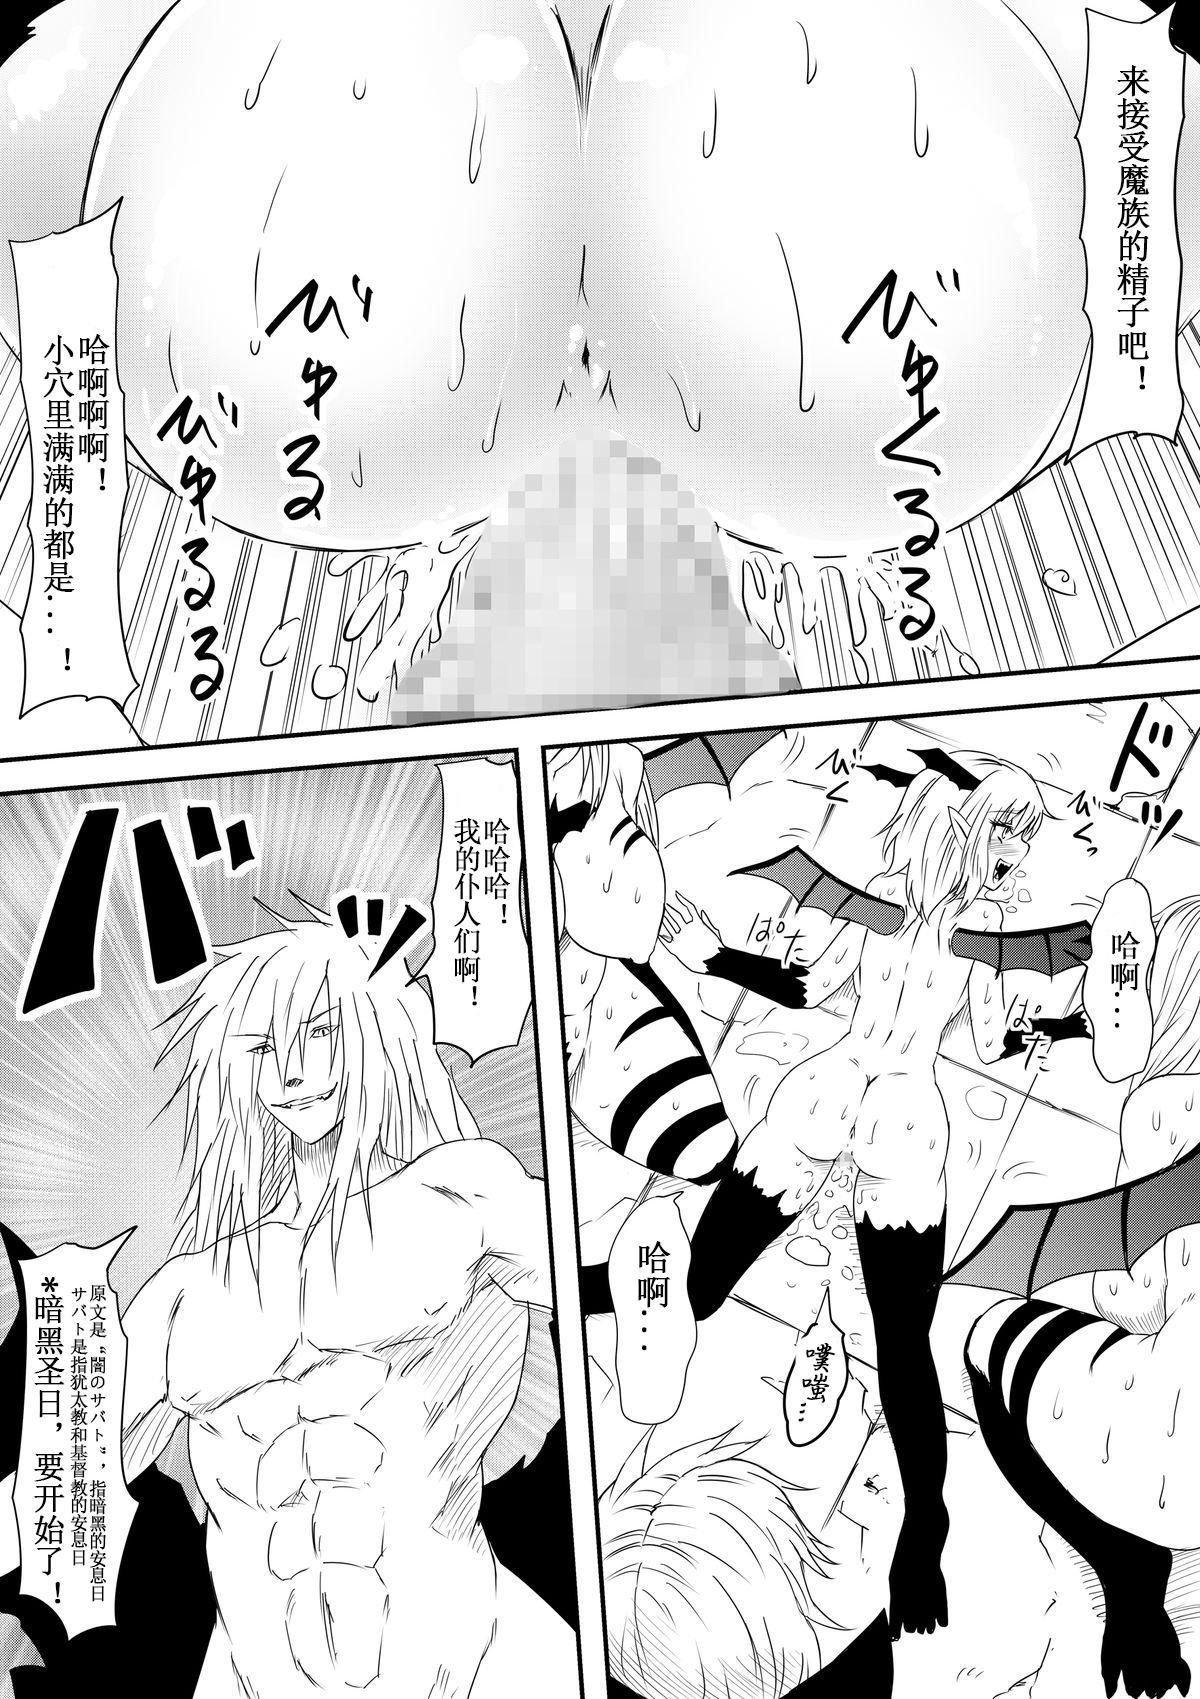 Kyuuketsuki ni Kanzen Haiboku Shita Vanpire Hunter Oyako ga Musuko no Mae de Okasare Kyuuketsuki-ka Shite Shimau Haha no Hanashi 56